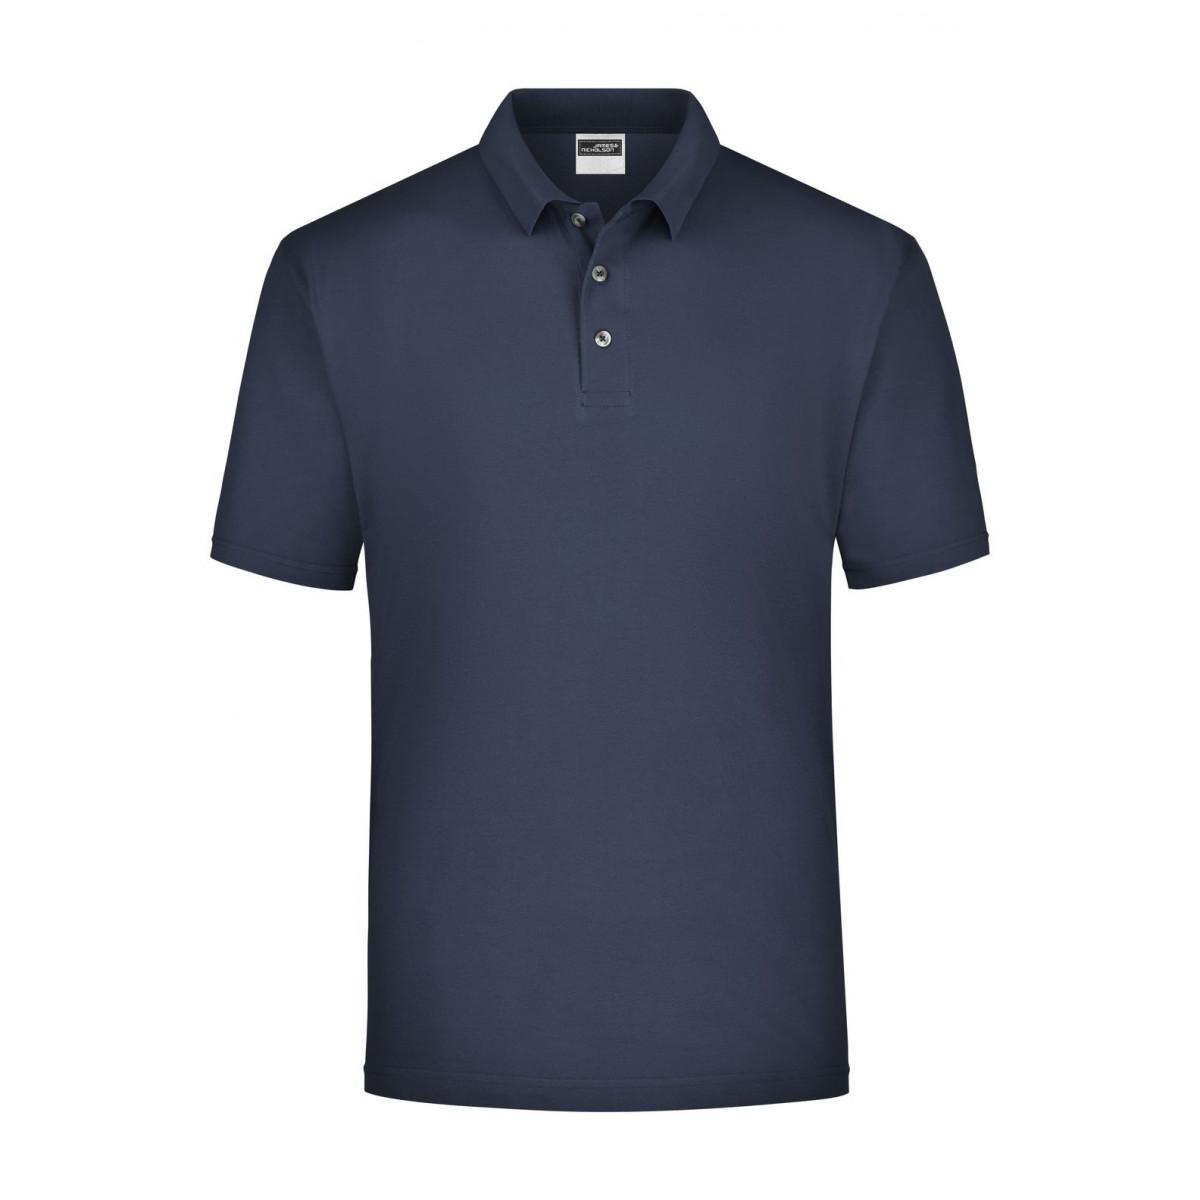 Рубашка поло мужская JN020 Polo Piqué Medium - Темно-синий